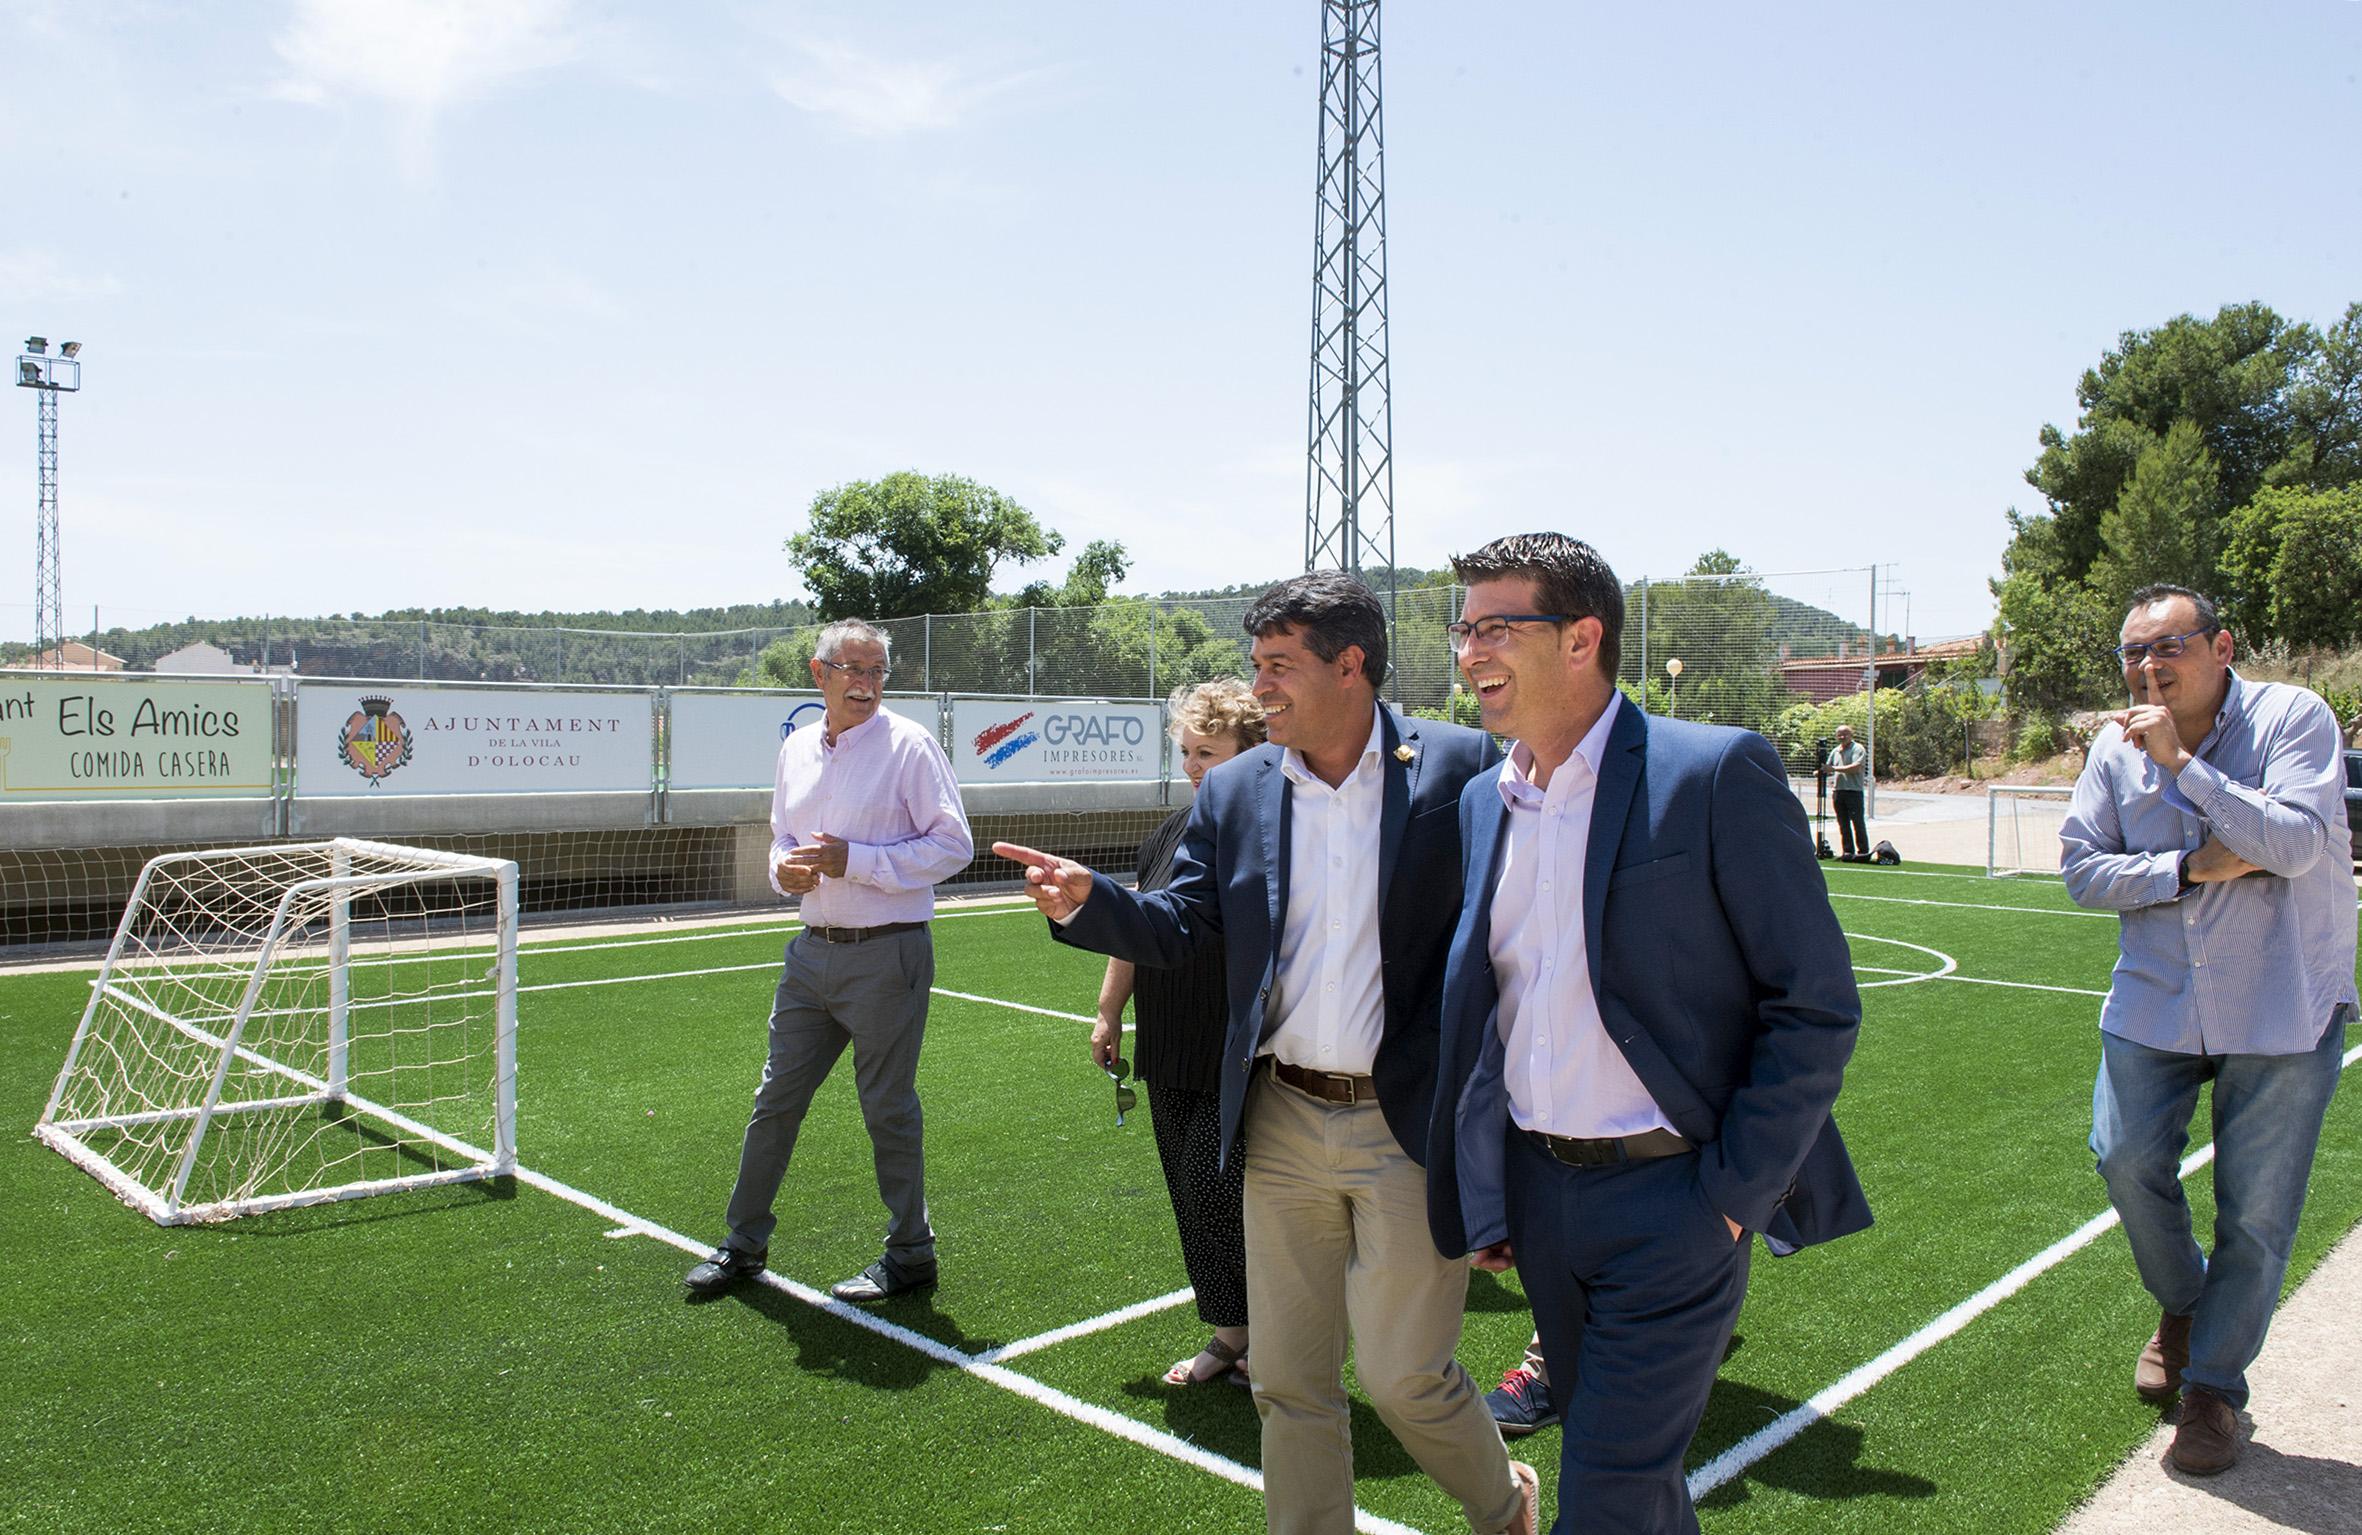 El presidente de la Diputación, Jorge Rodríguez, visita el nuevo campo de fútbol en el municipio de Olocau.